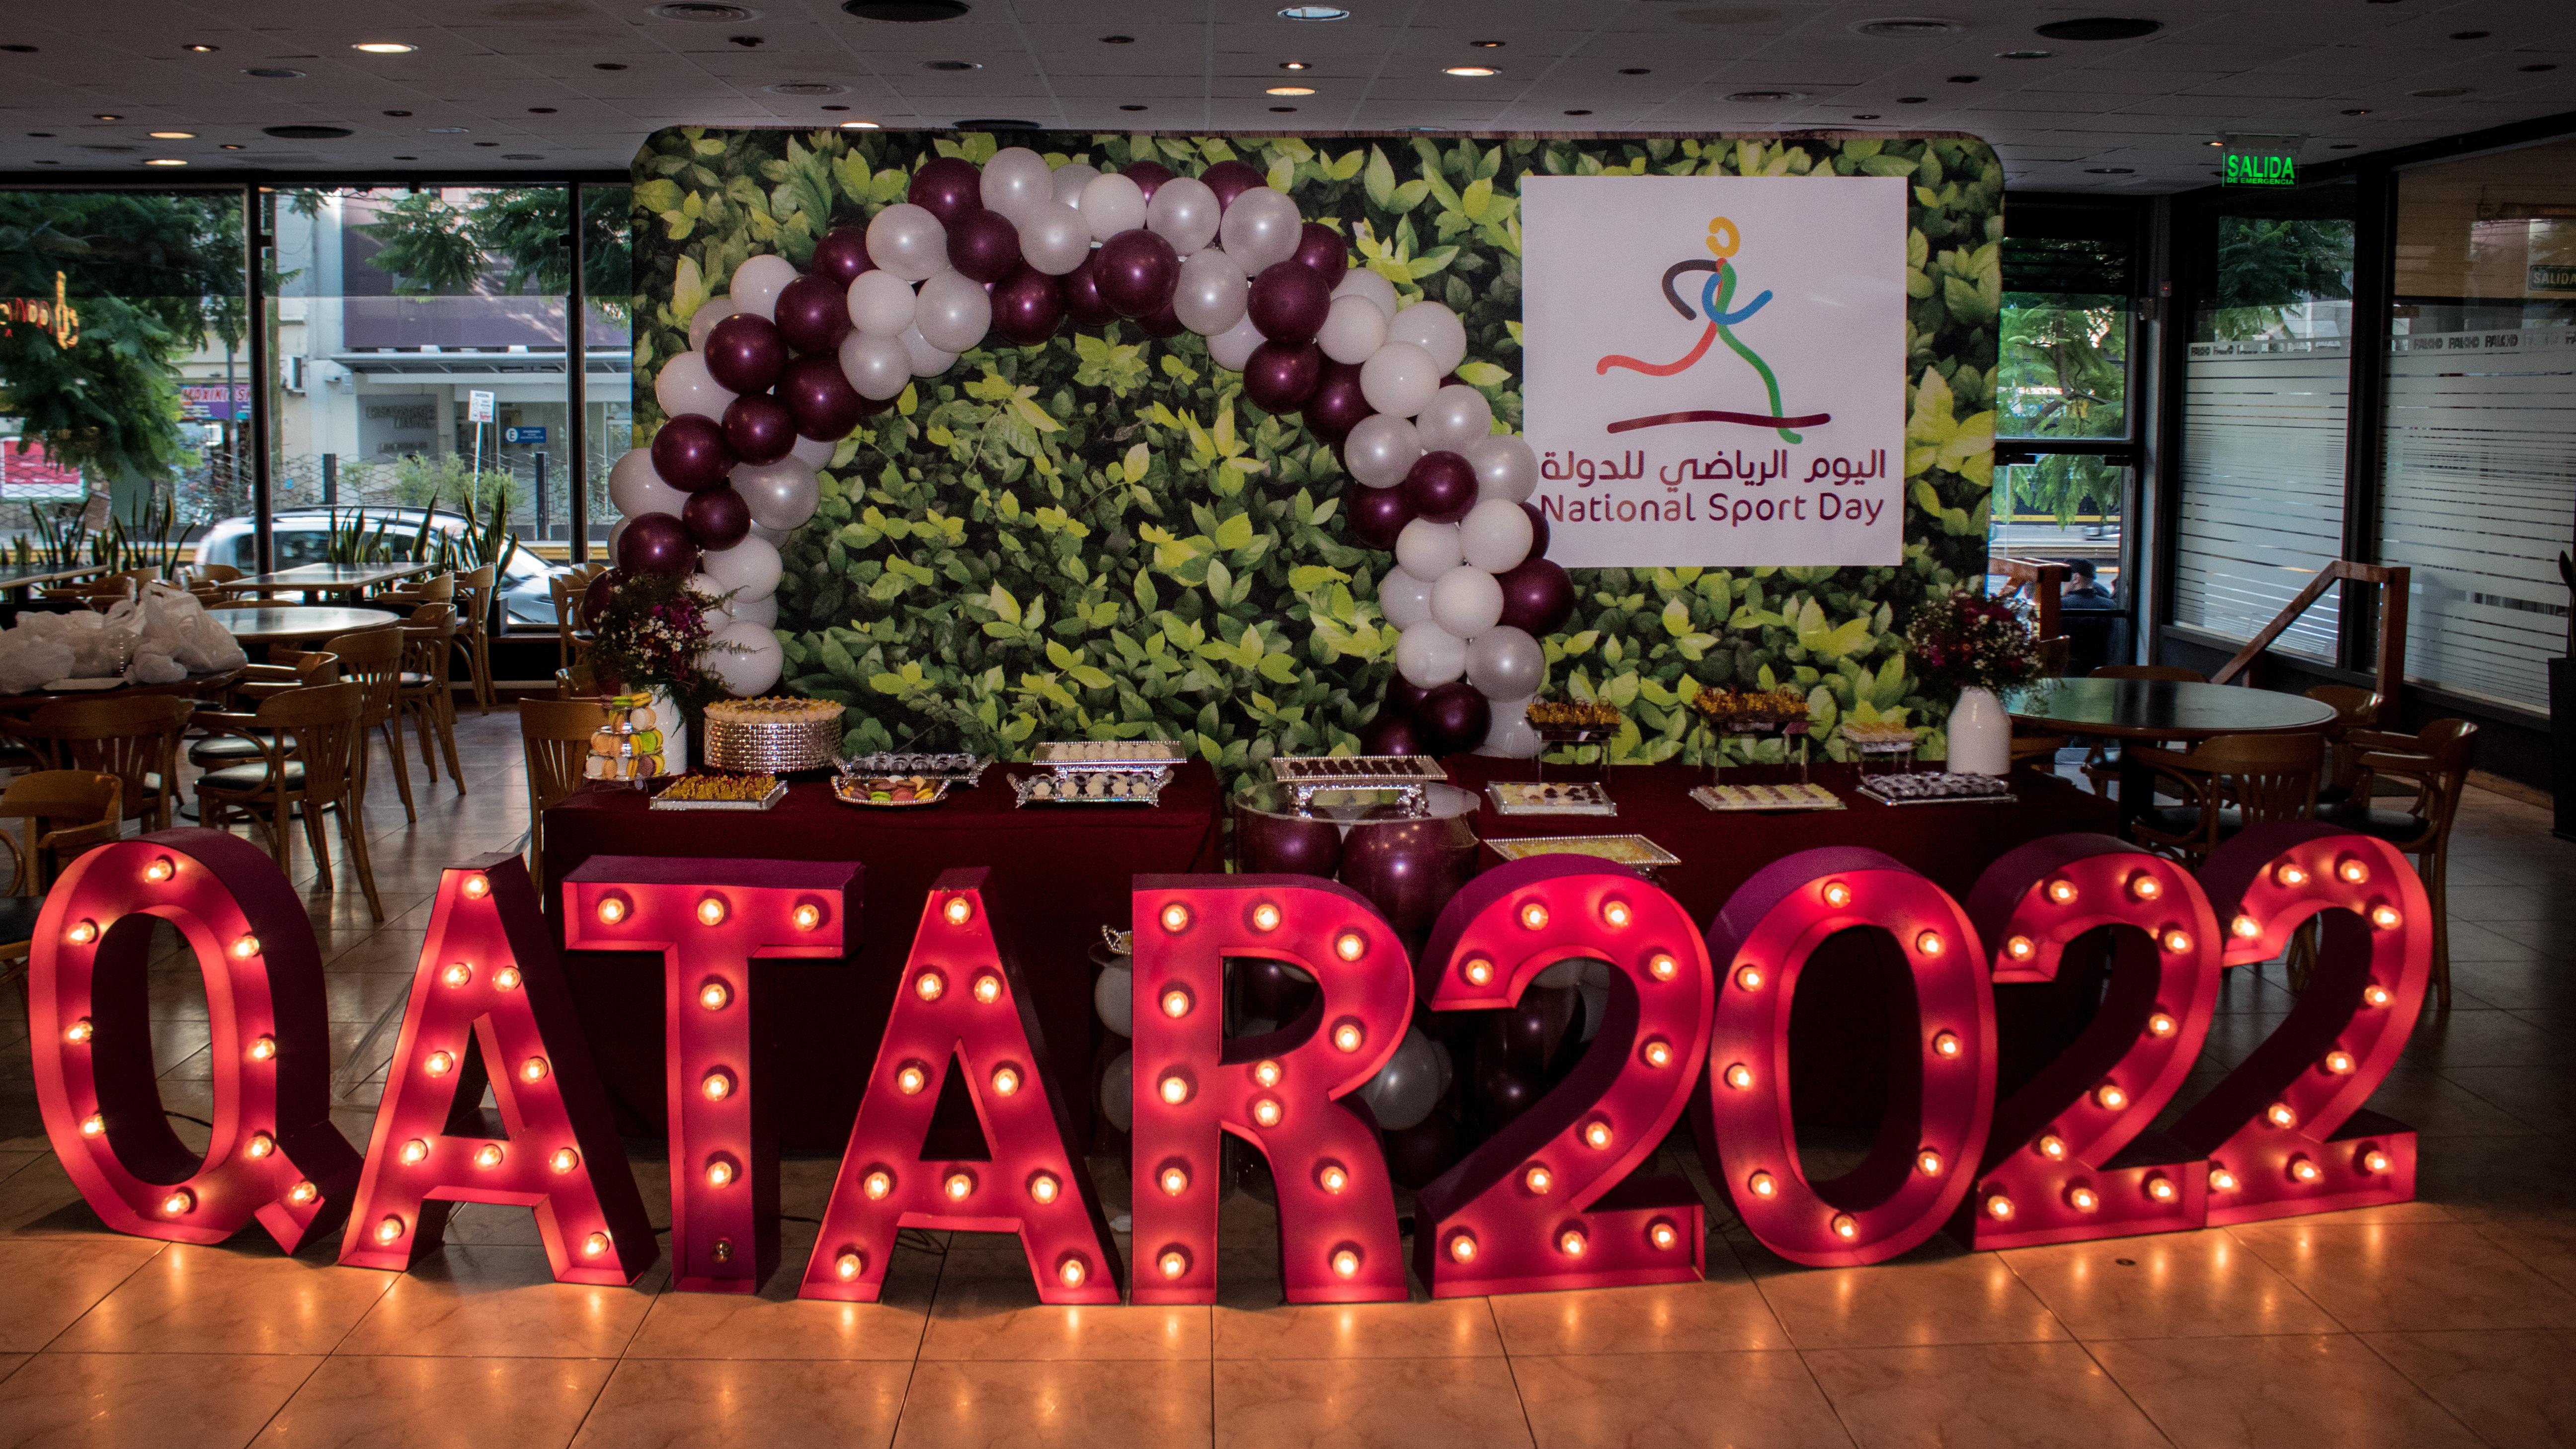 Qatar se prepara para ser el anfitrión del Mundial 2022